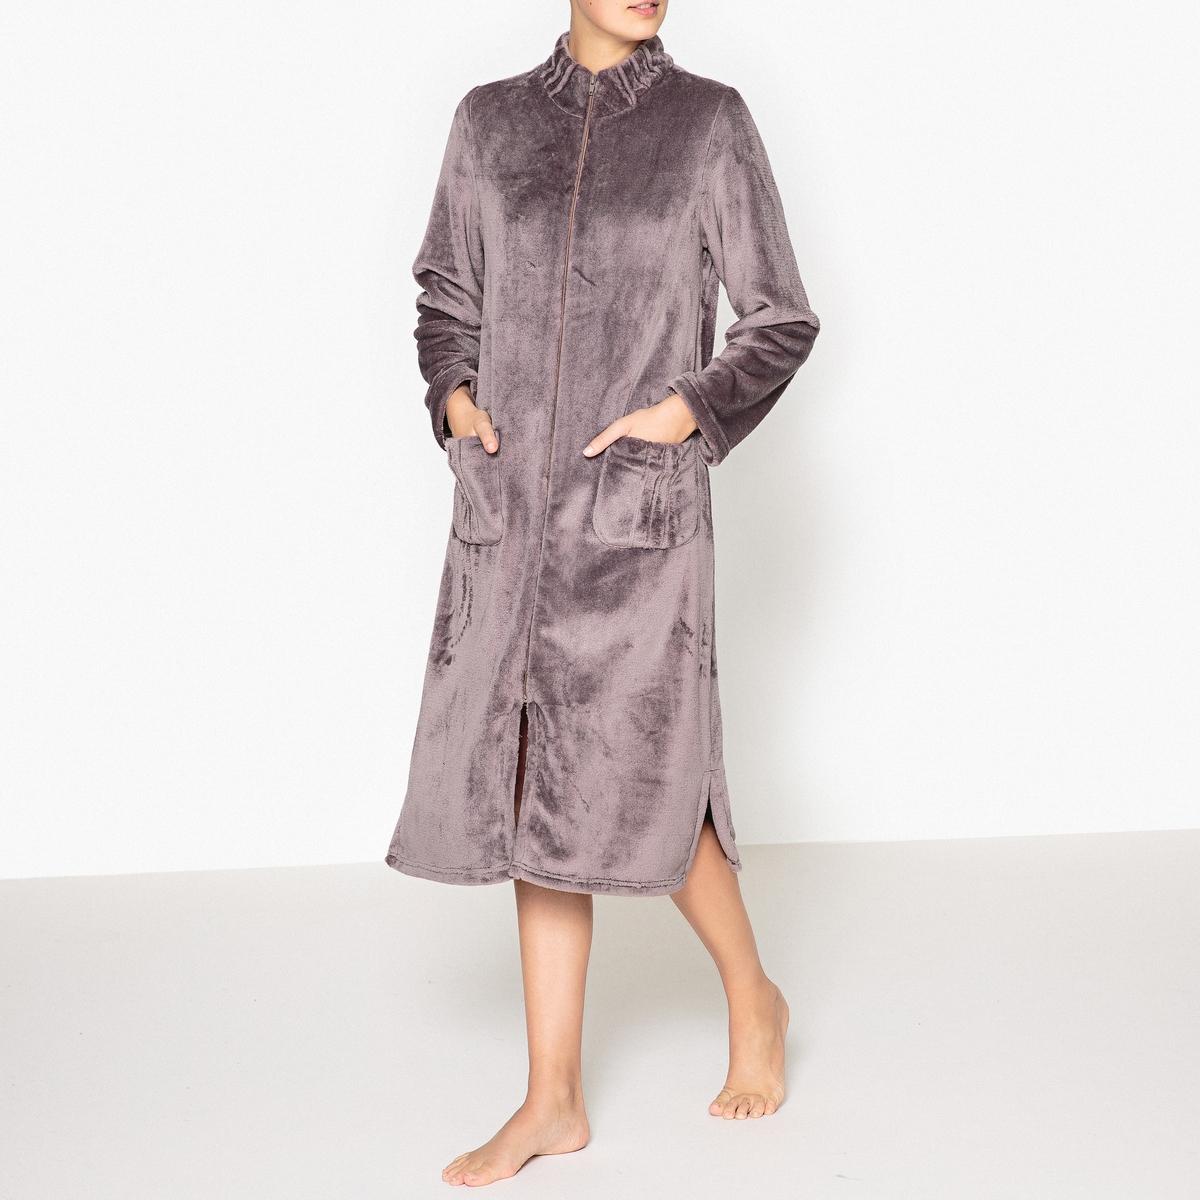 Платье домашнее на молнииДомашнее платье из очень мягкого, теплого и комфортного флисового трикотажа. Застежка на молнию. 2 кармана спереди.                                 Состав и описание :  Материал         флисовый трикотаж, 100% полиэстерДлина      110 смУход :Машинная стирка при 30°C с вещами схожих цветов.Машинная сушка в умеренном режиме.Не гладить.<br><br>Цвет: серо-сиреневый<br>Размер: 38/40 (FR) - 44/46 (RUS).54/56 (FR) - 60/62 (RUS).50/52 (FR) - 56/58 (RUS).46/48 (FR) - 52/54 (RUS).42/44 (FR) - 48/50 (RUS)